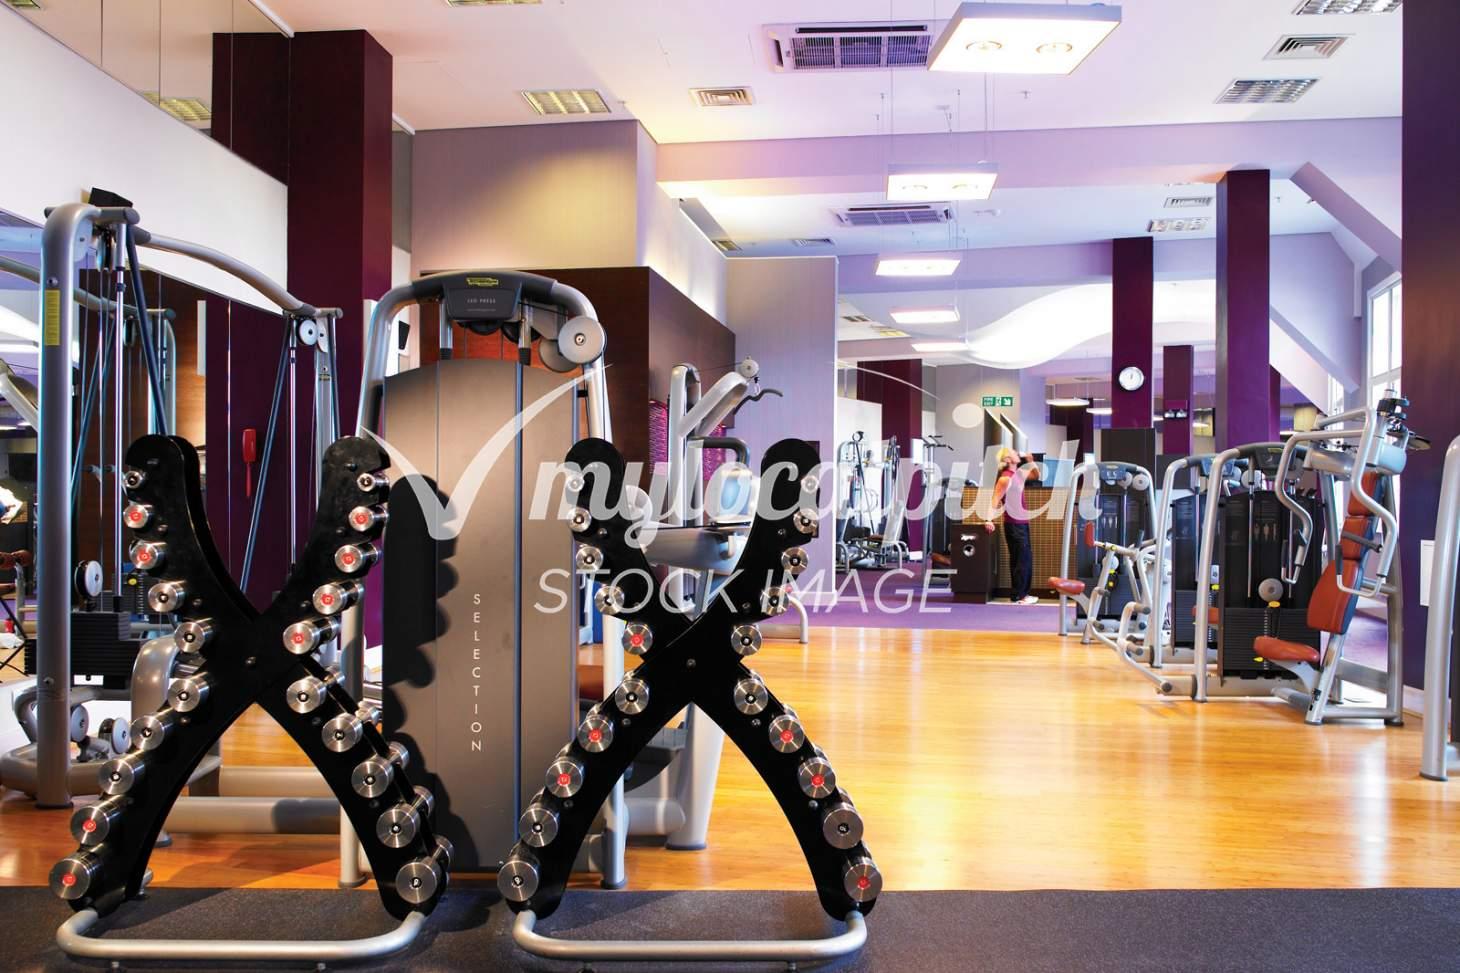 Wright Robinson Leisure Gym gym